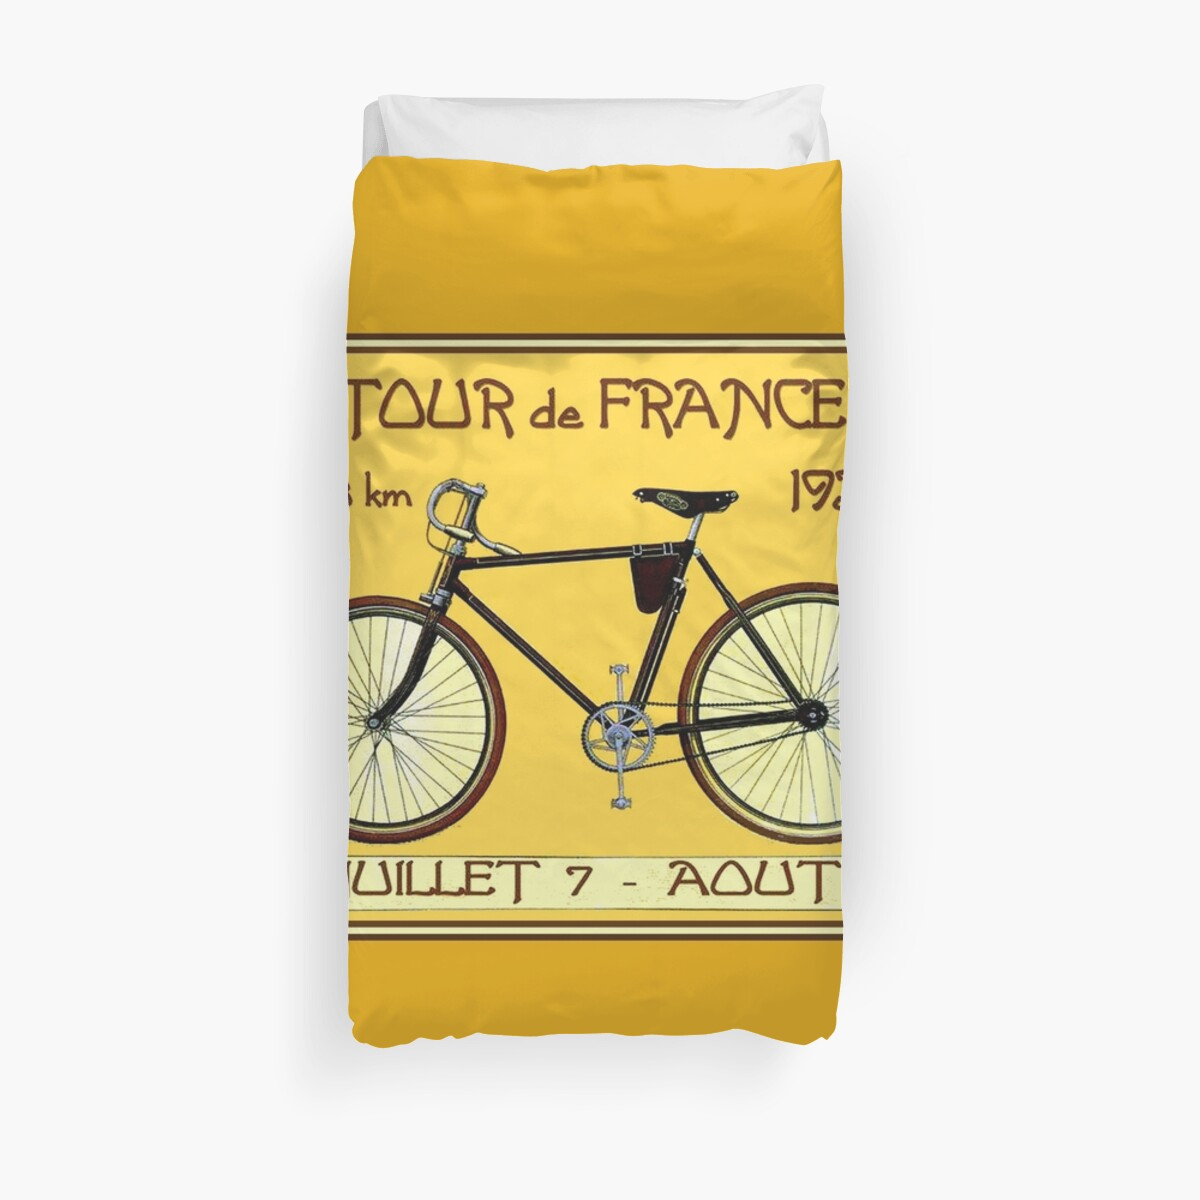 TOUR DE FRANCE ; Vintage Bicycle Race Print\